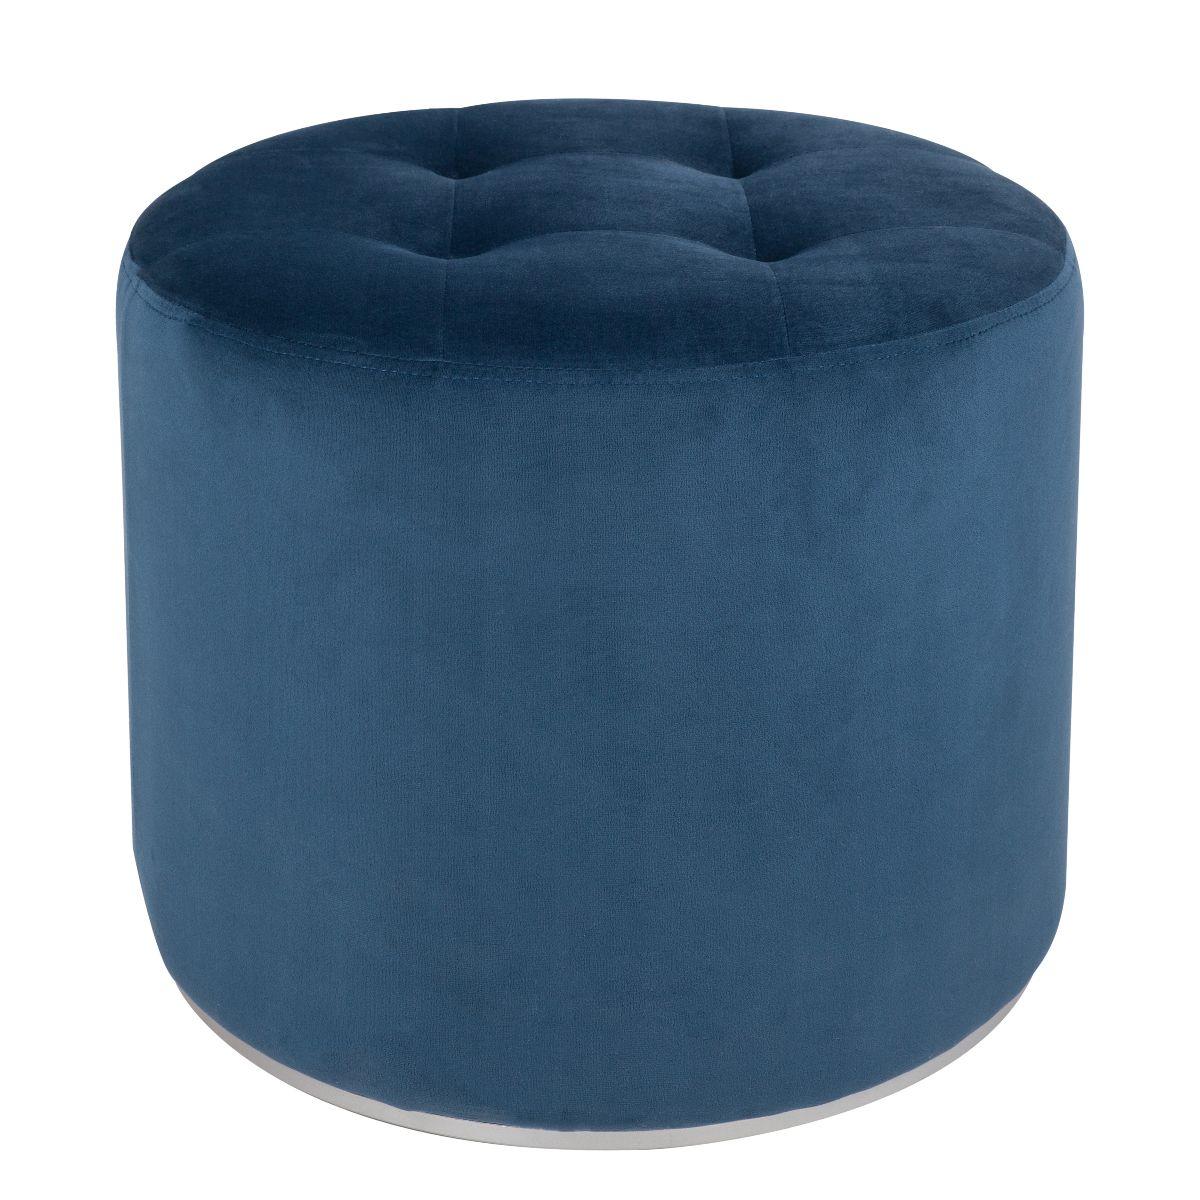 Nieuw Op zoek naar een luxueuze blauwe hocker? | Hockers | kameraankleden.nl DU-39